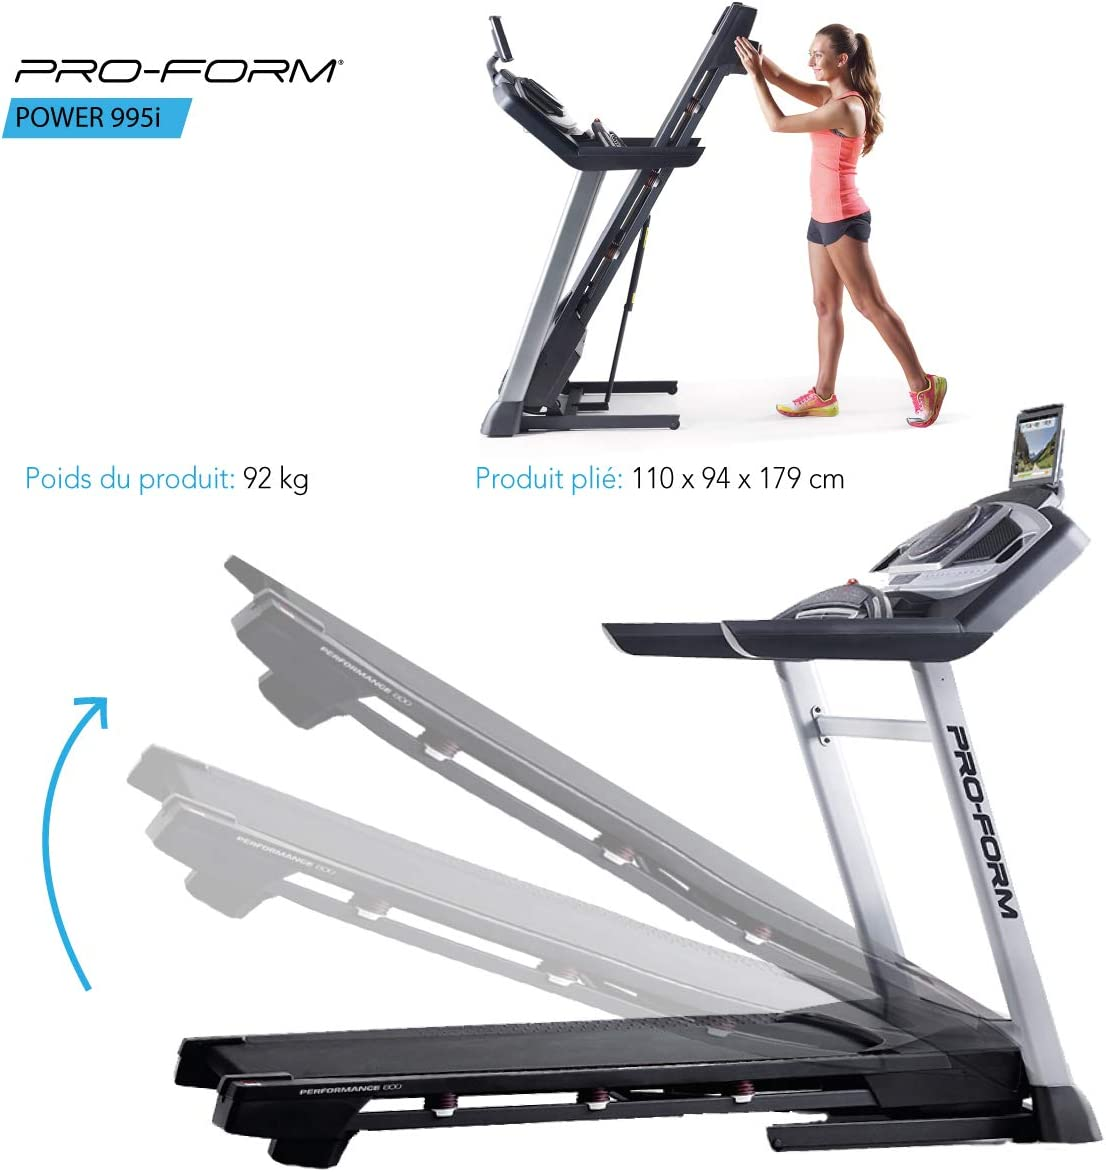 ProForm - Cinta de Correr Power 995i: Amazon.es: Deportes y aire libre